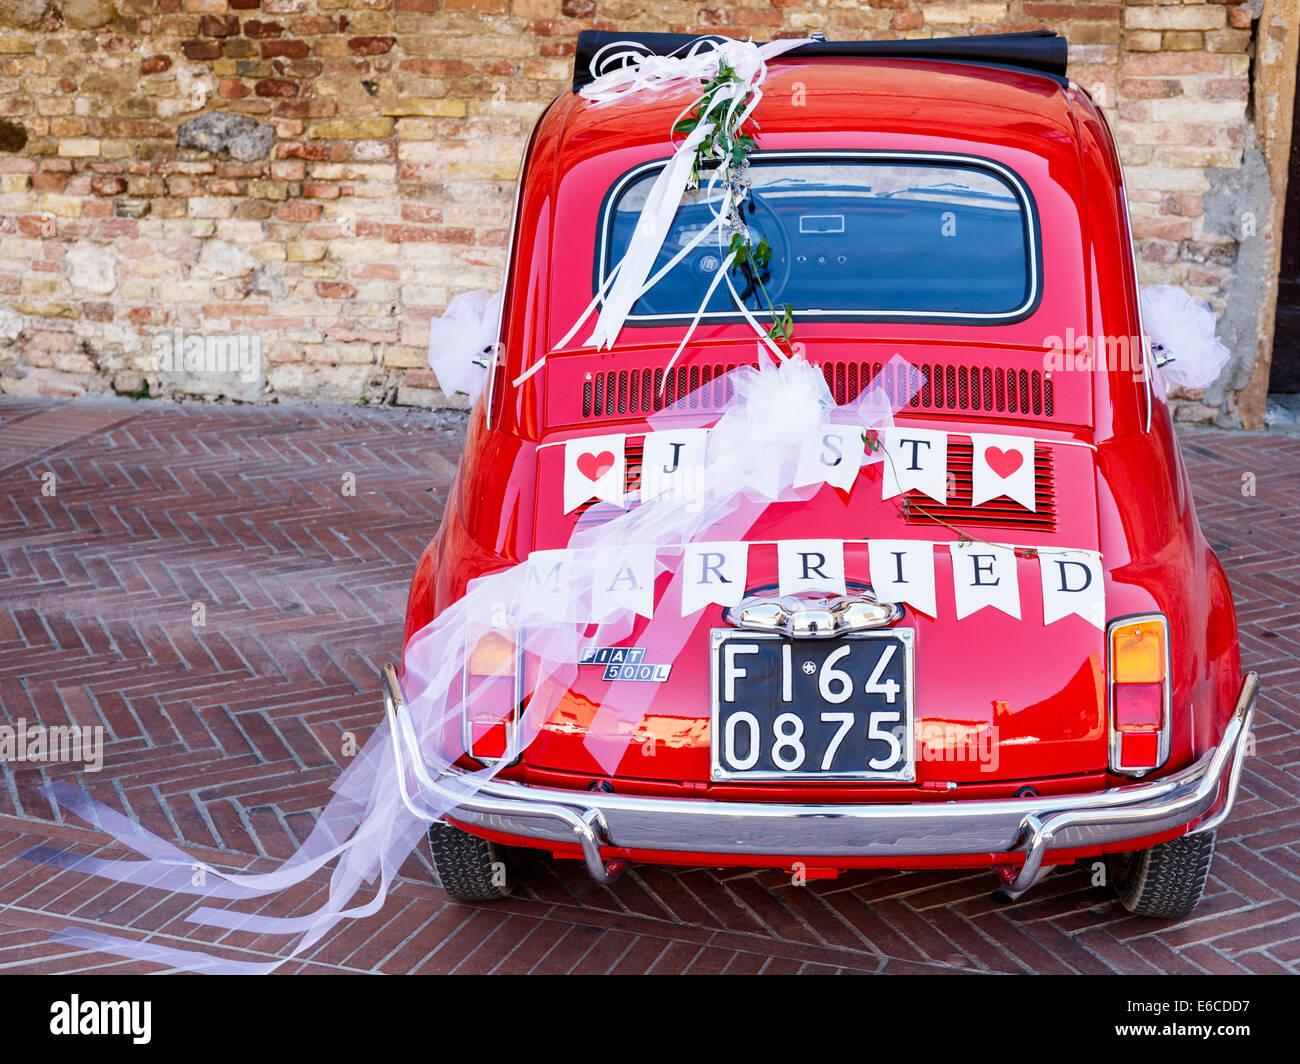 Appena sposato scritto sul retro di un Rosso Fiat 500, San Gimignano, Toscana, Italia Immagini Stock